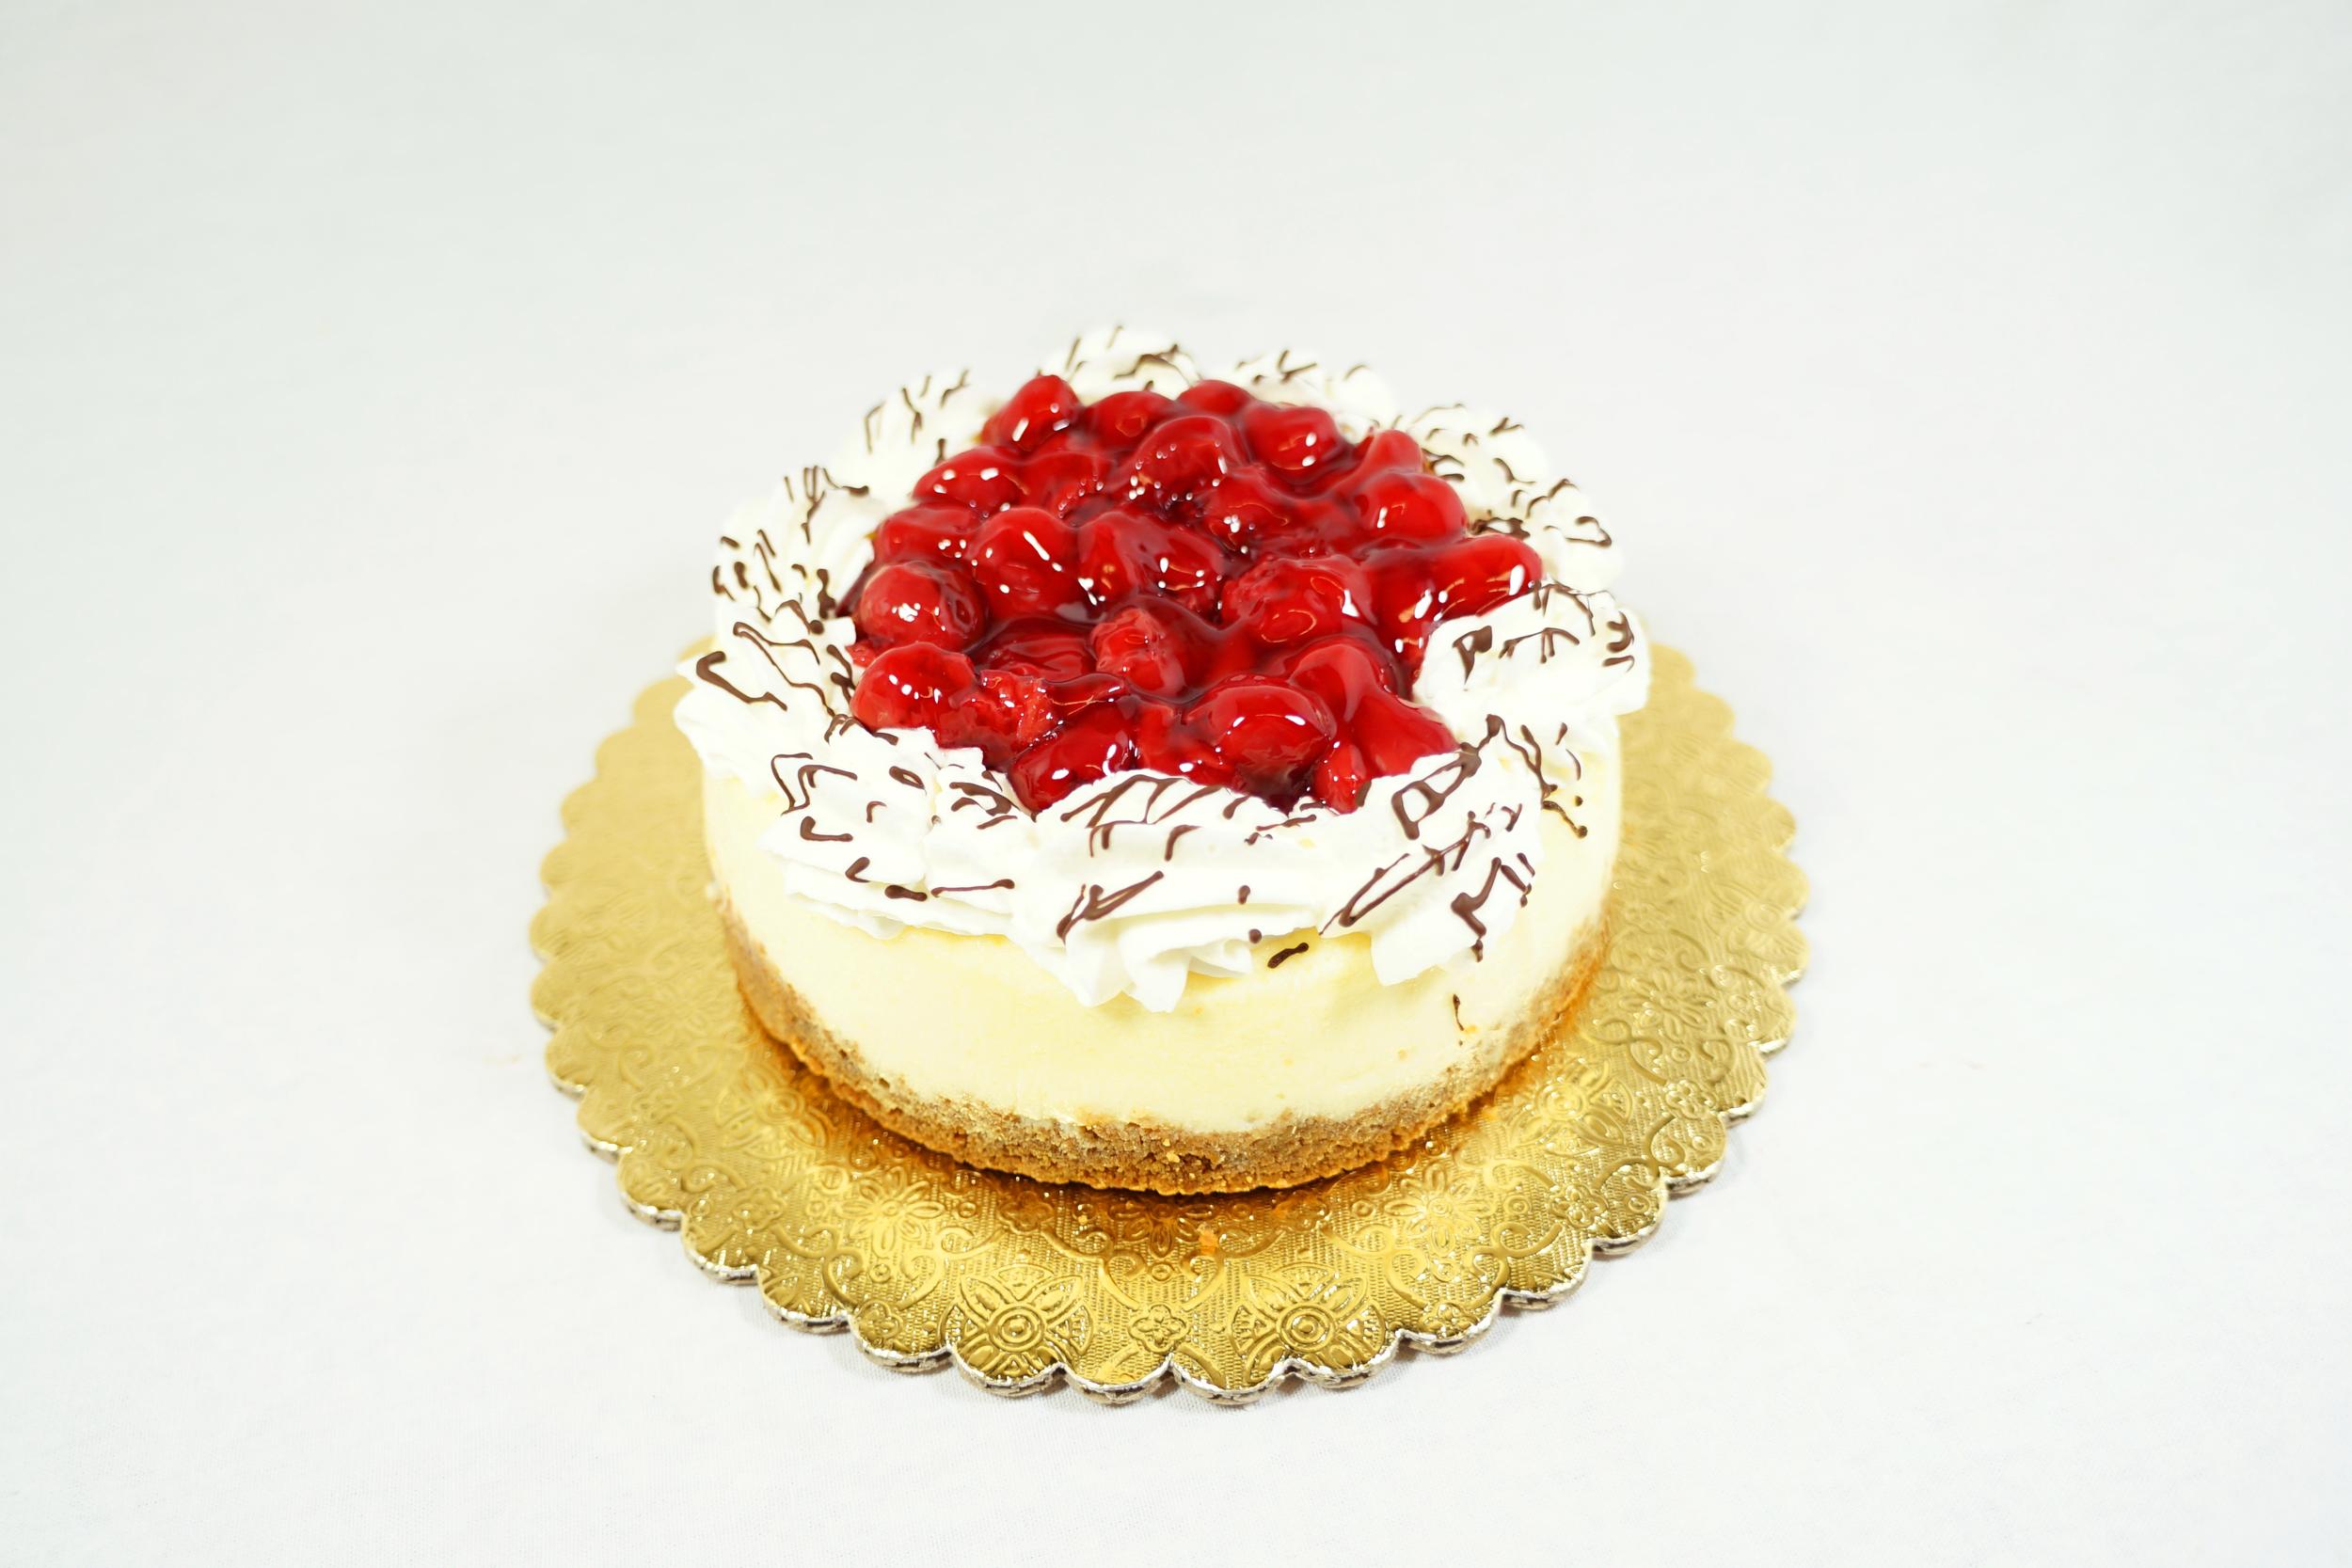 Cherry Cheesecake - Graham cracker crust with cherry topping.